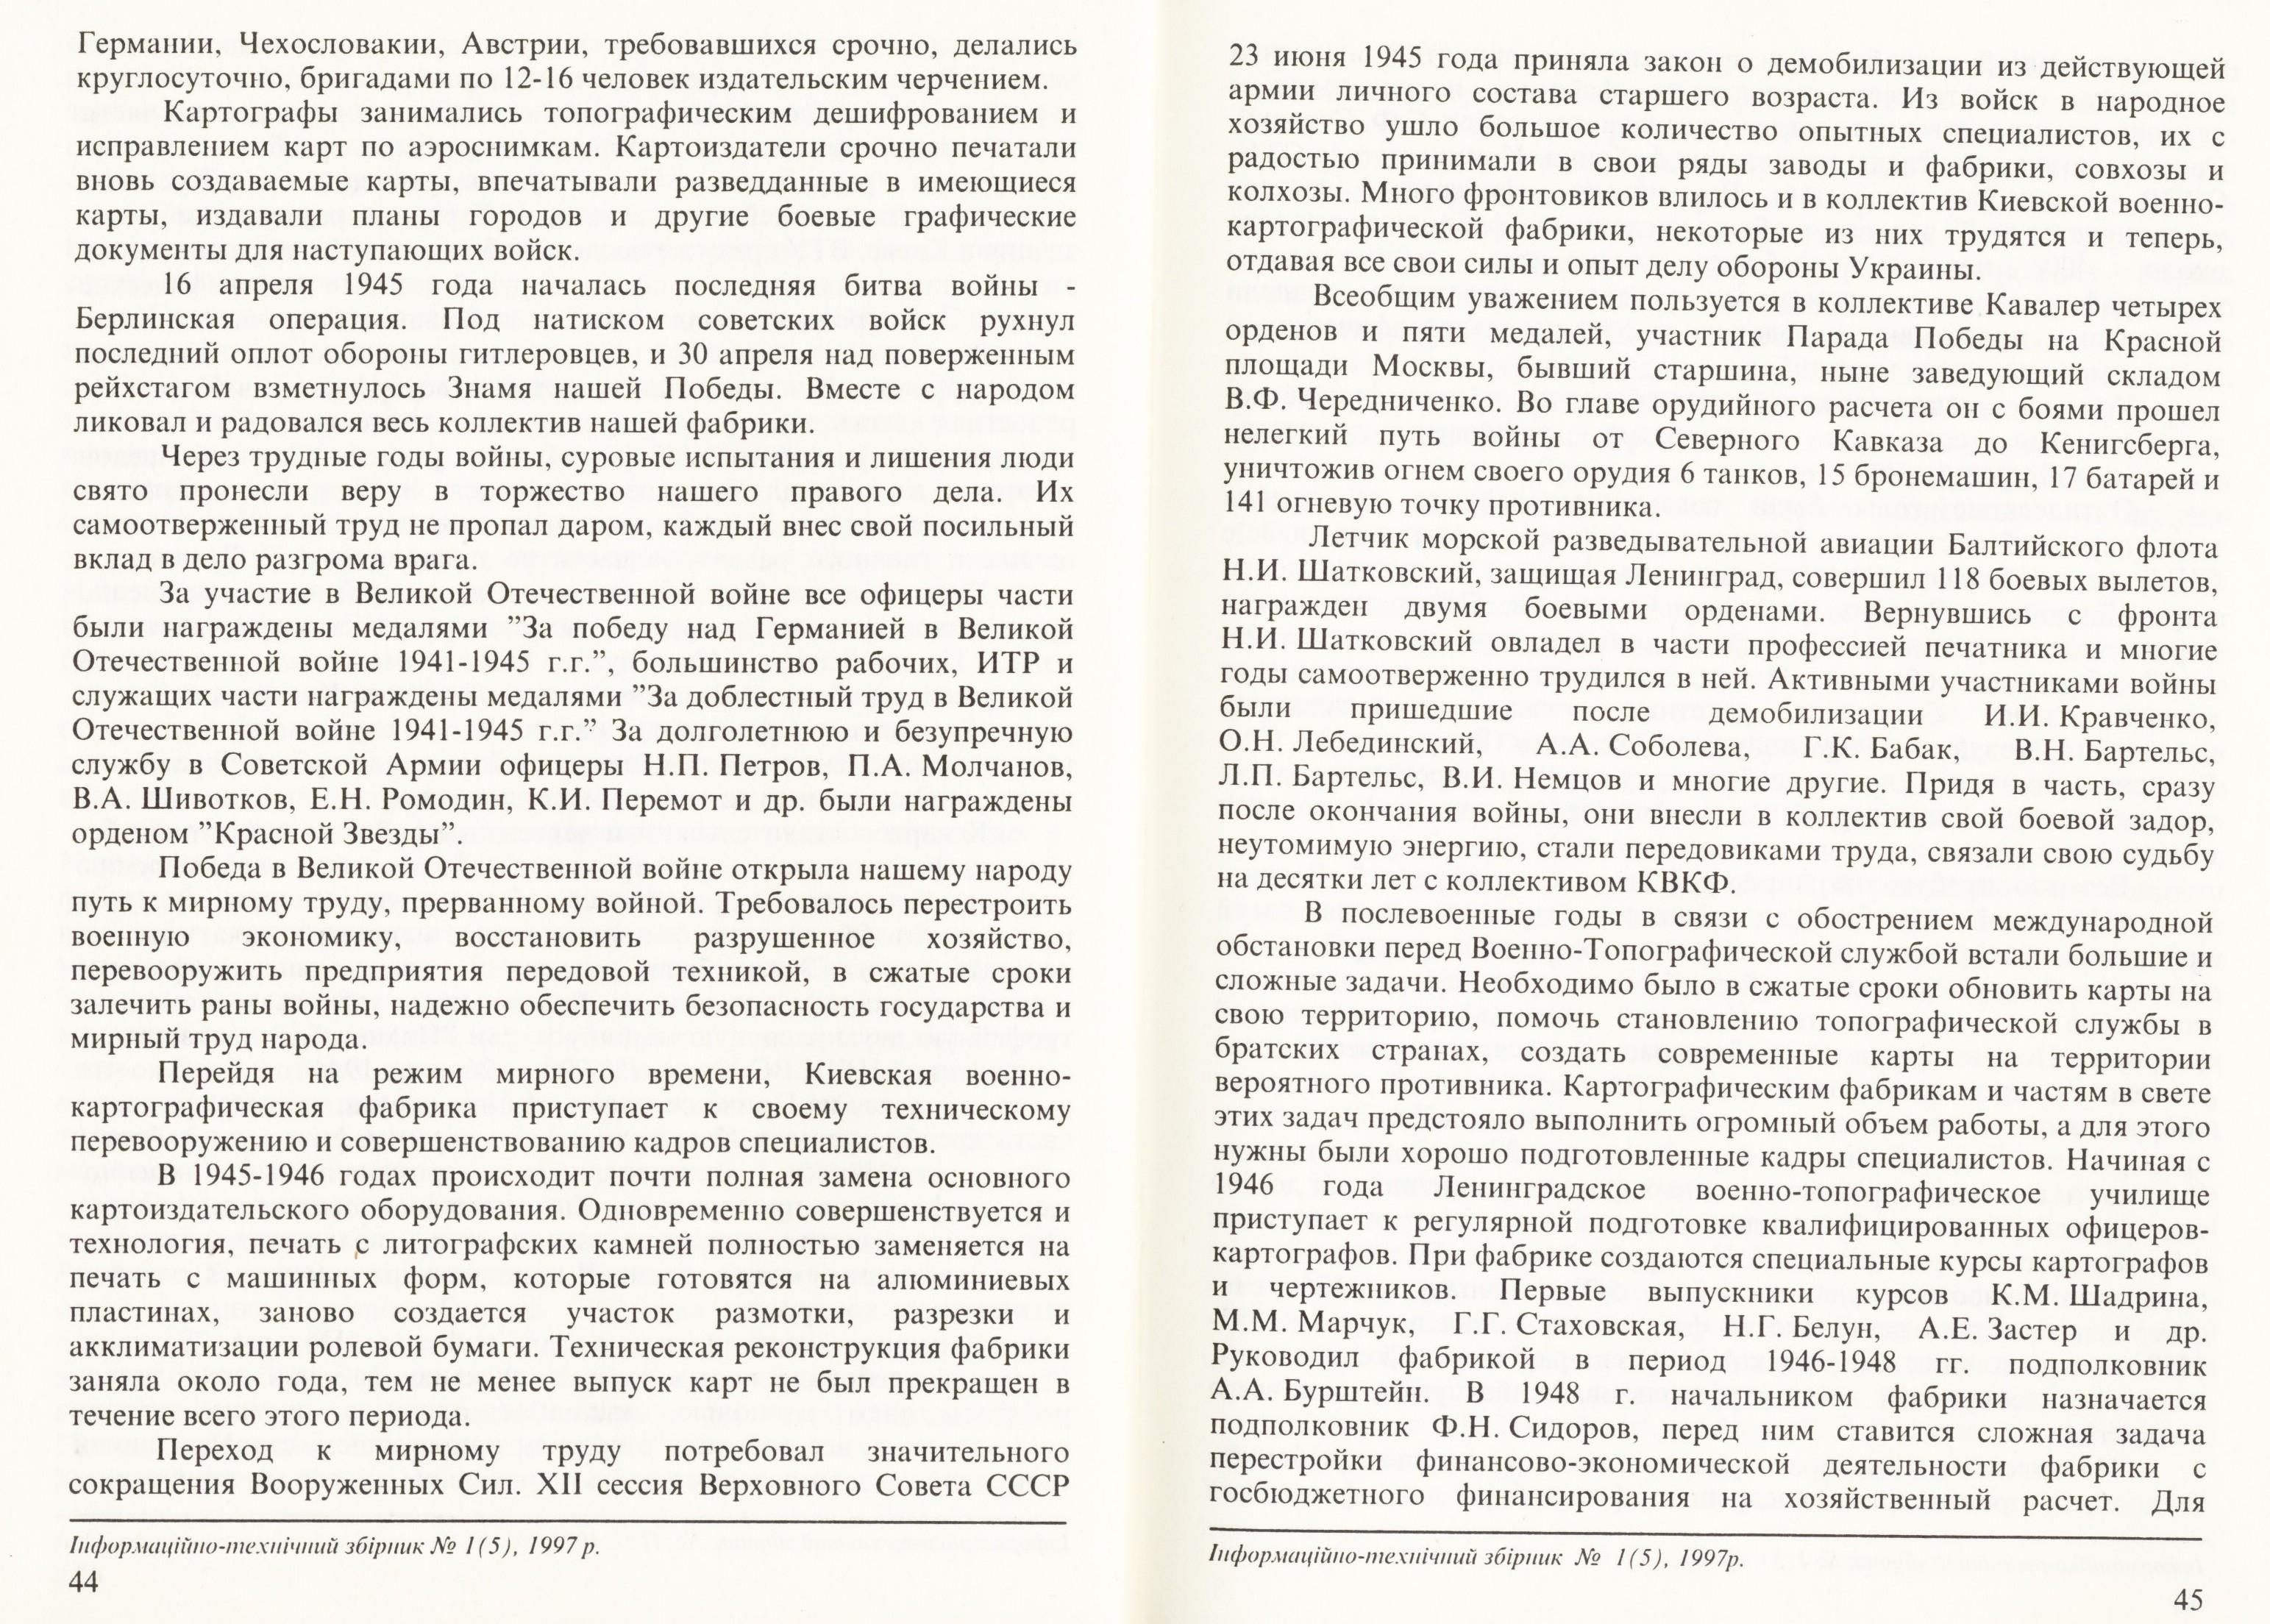 http://s8.uploads.ru/DSwx3.jpg